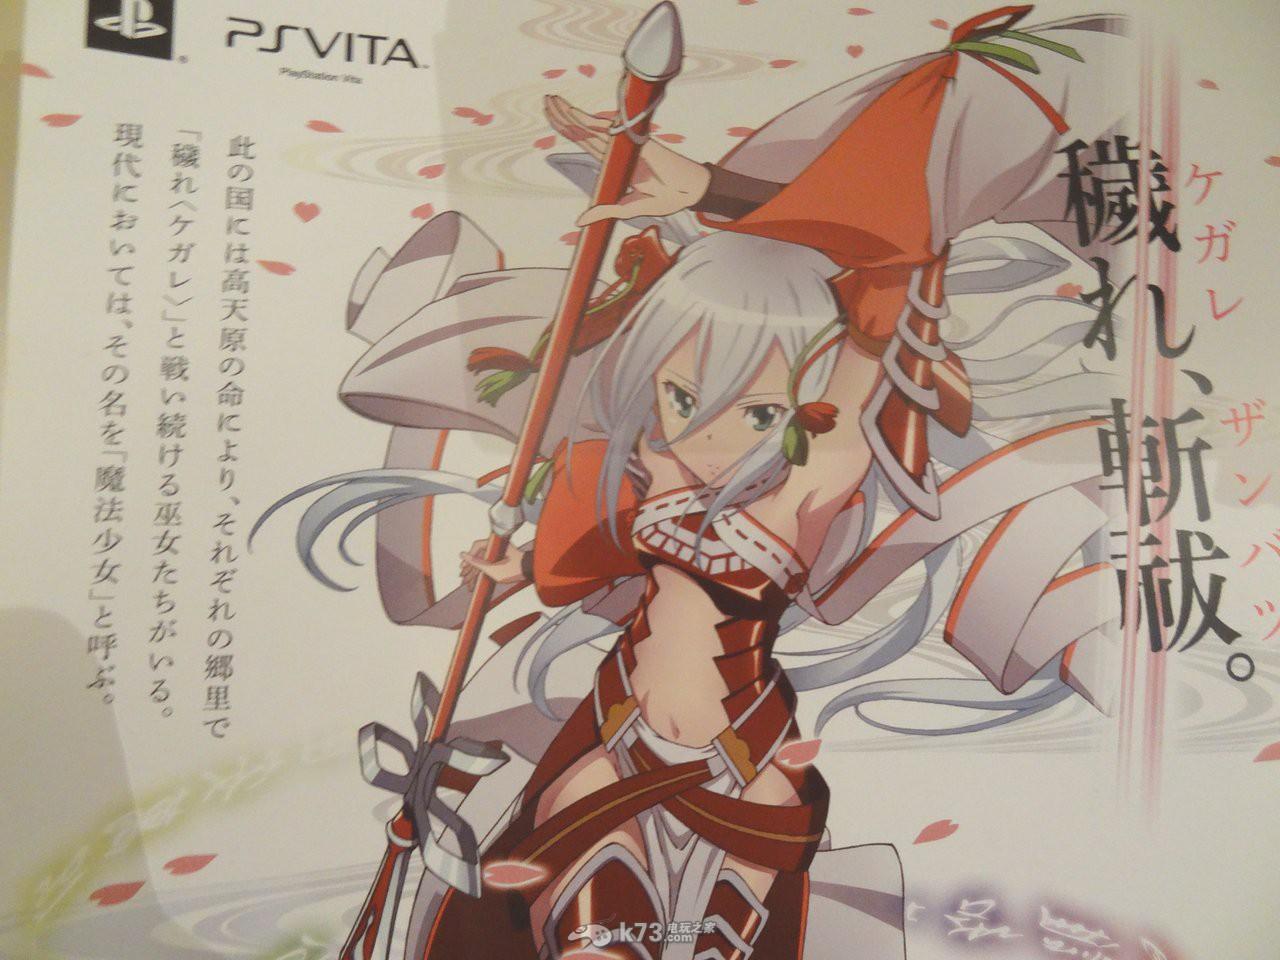 ... 少女大战for Vita》杂志图公布实机截图 _k73电玩之家